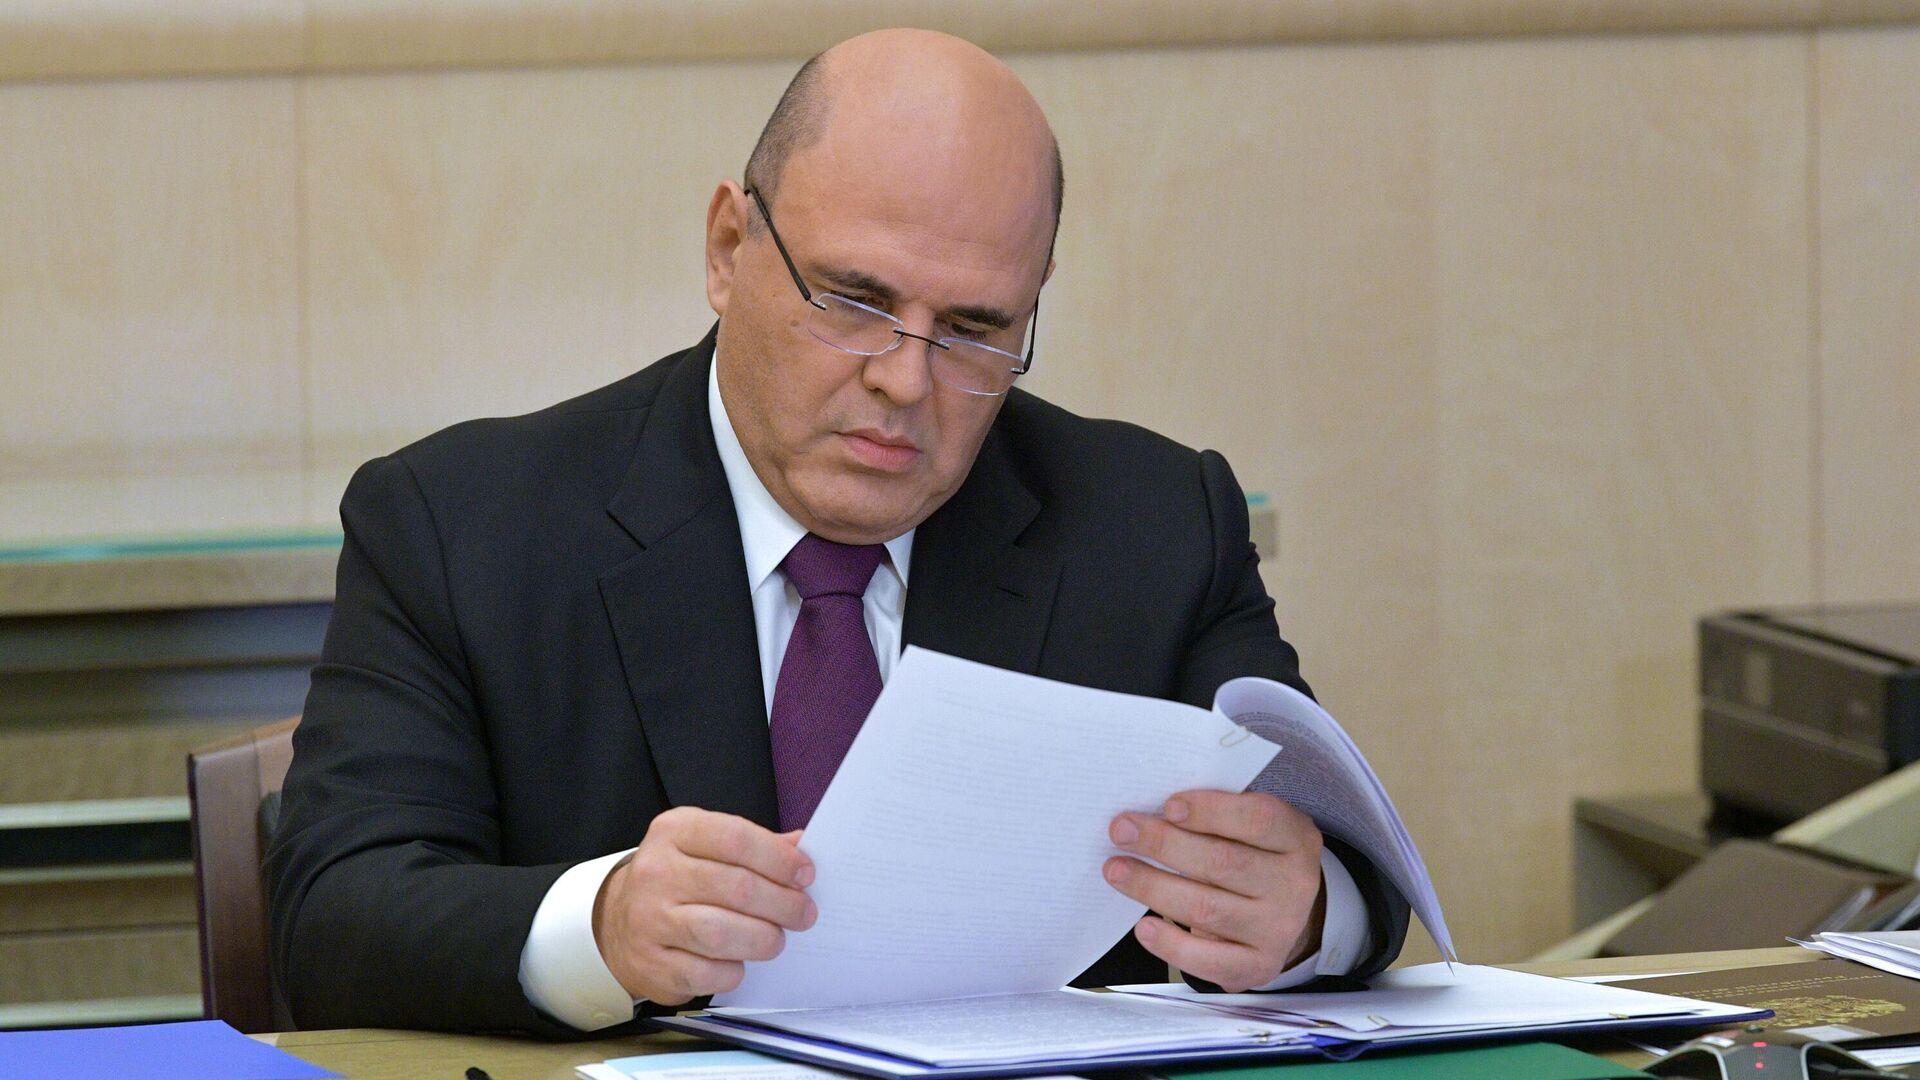 Мишустин назвал результаты исполнения бюджета за первое полугодие  хорошими